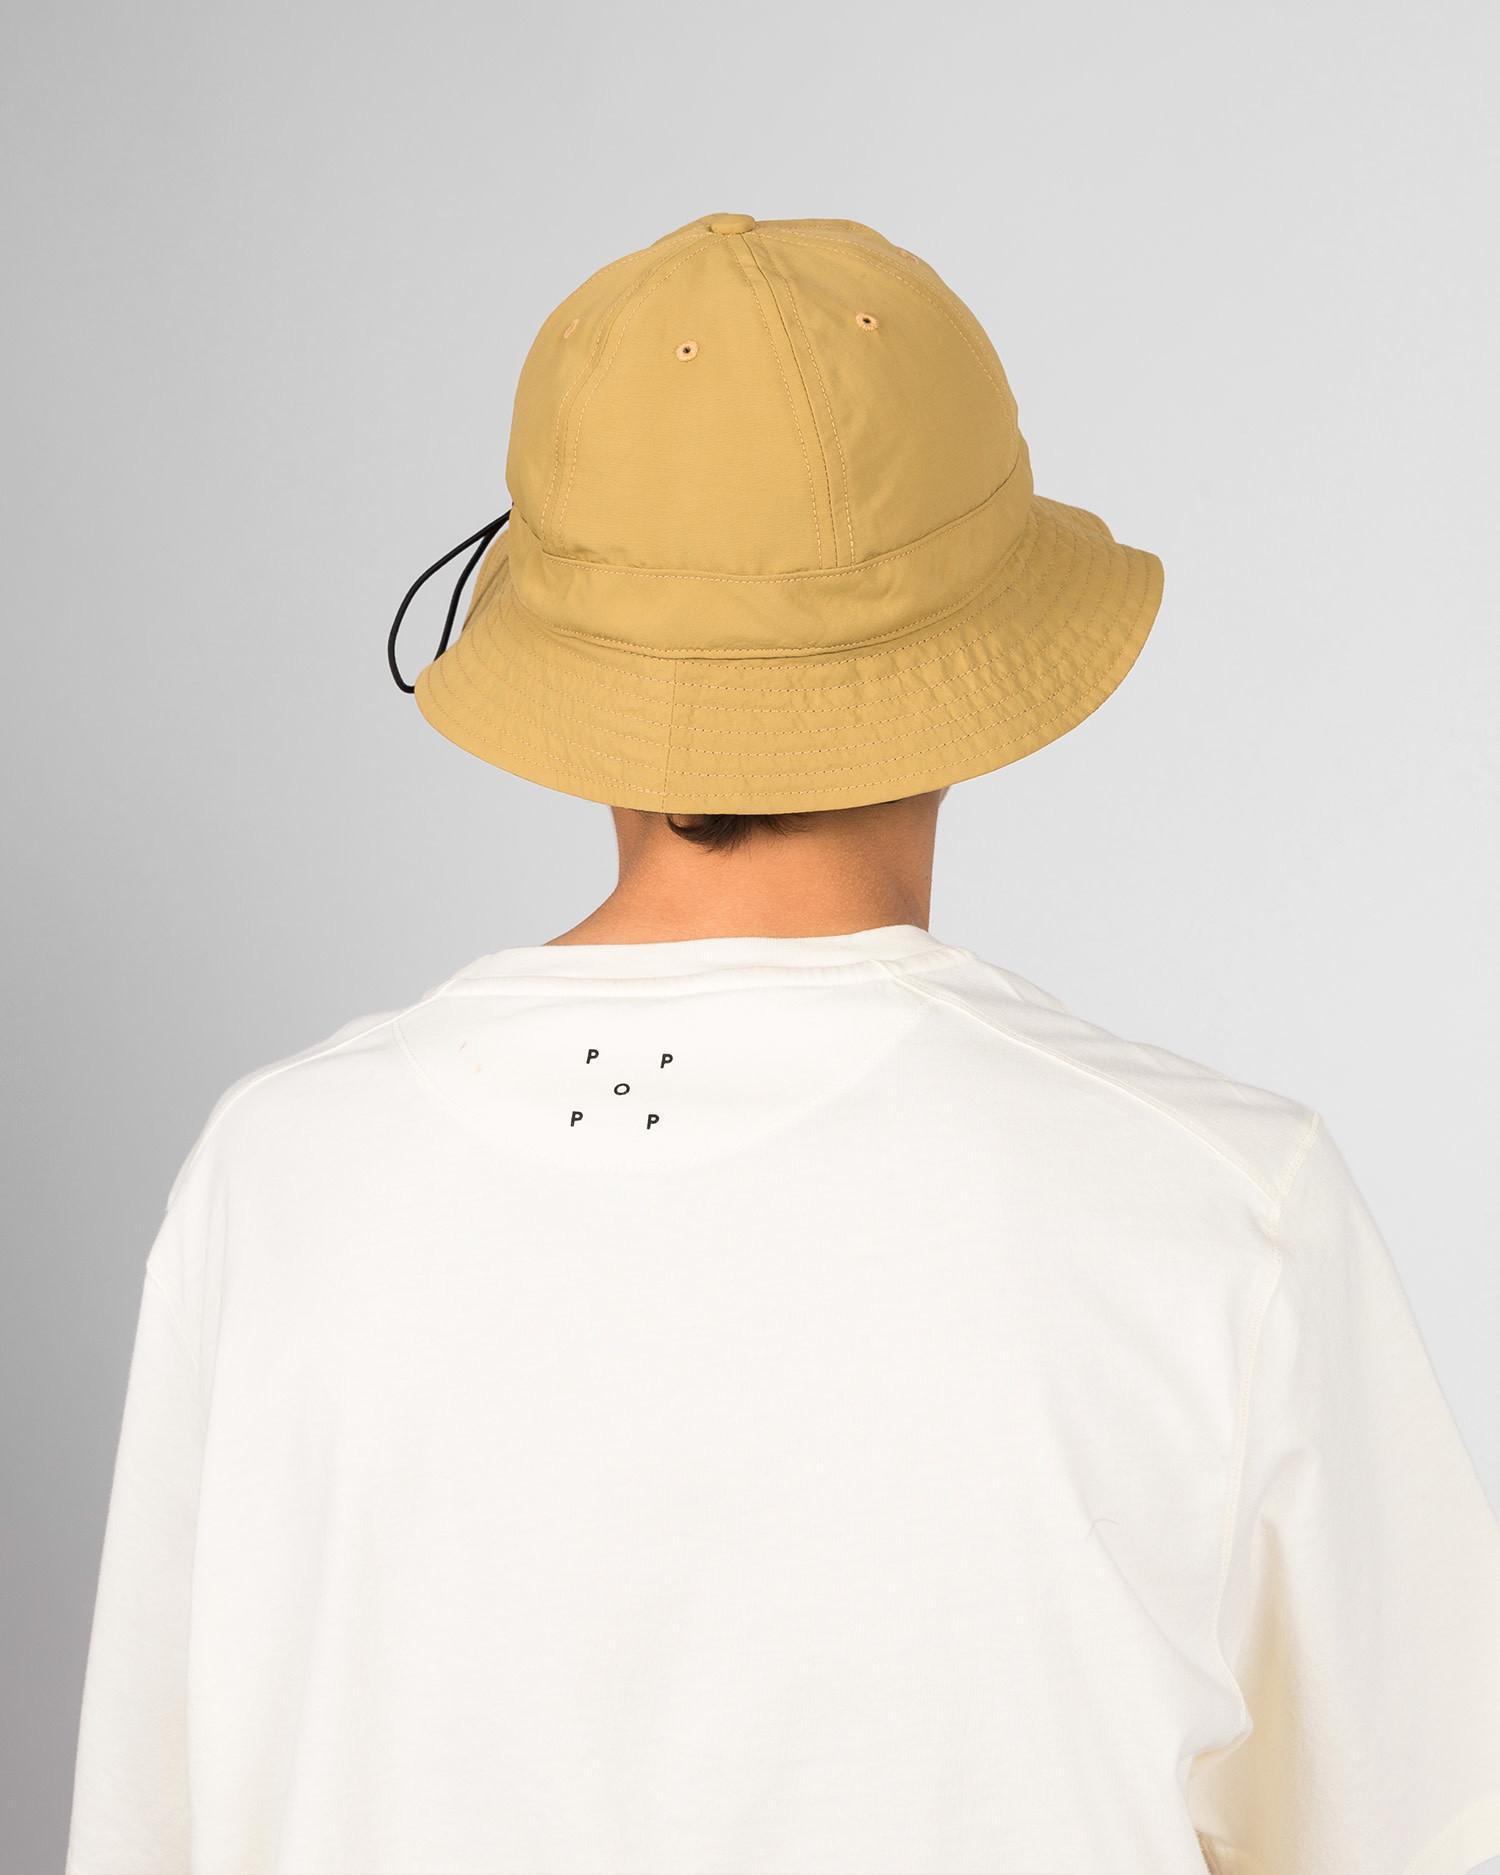 Pop Trading Co Bucket Hat